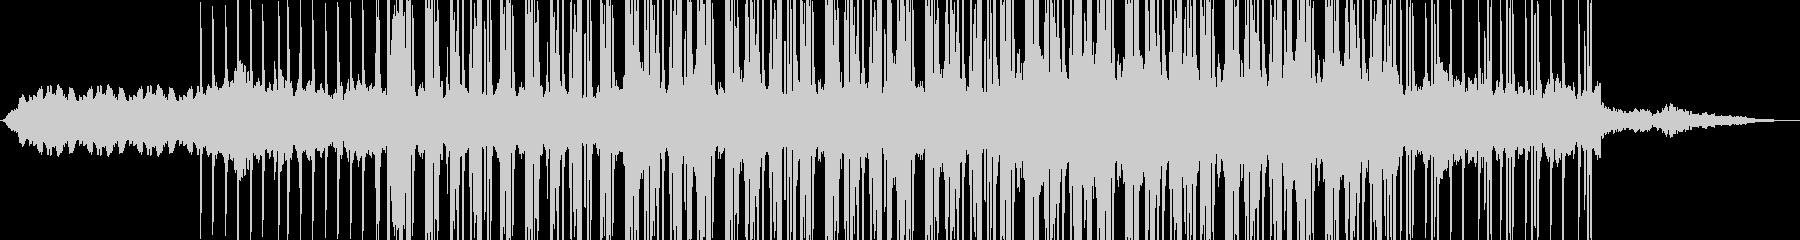 ロボットのマーチ/民族音楽的/機械音の未再生の波形